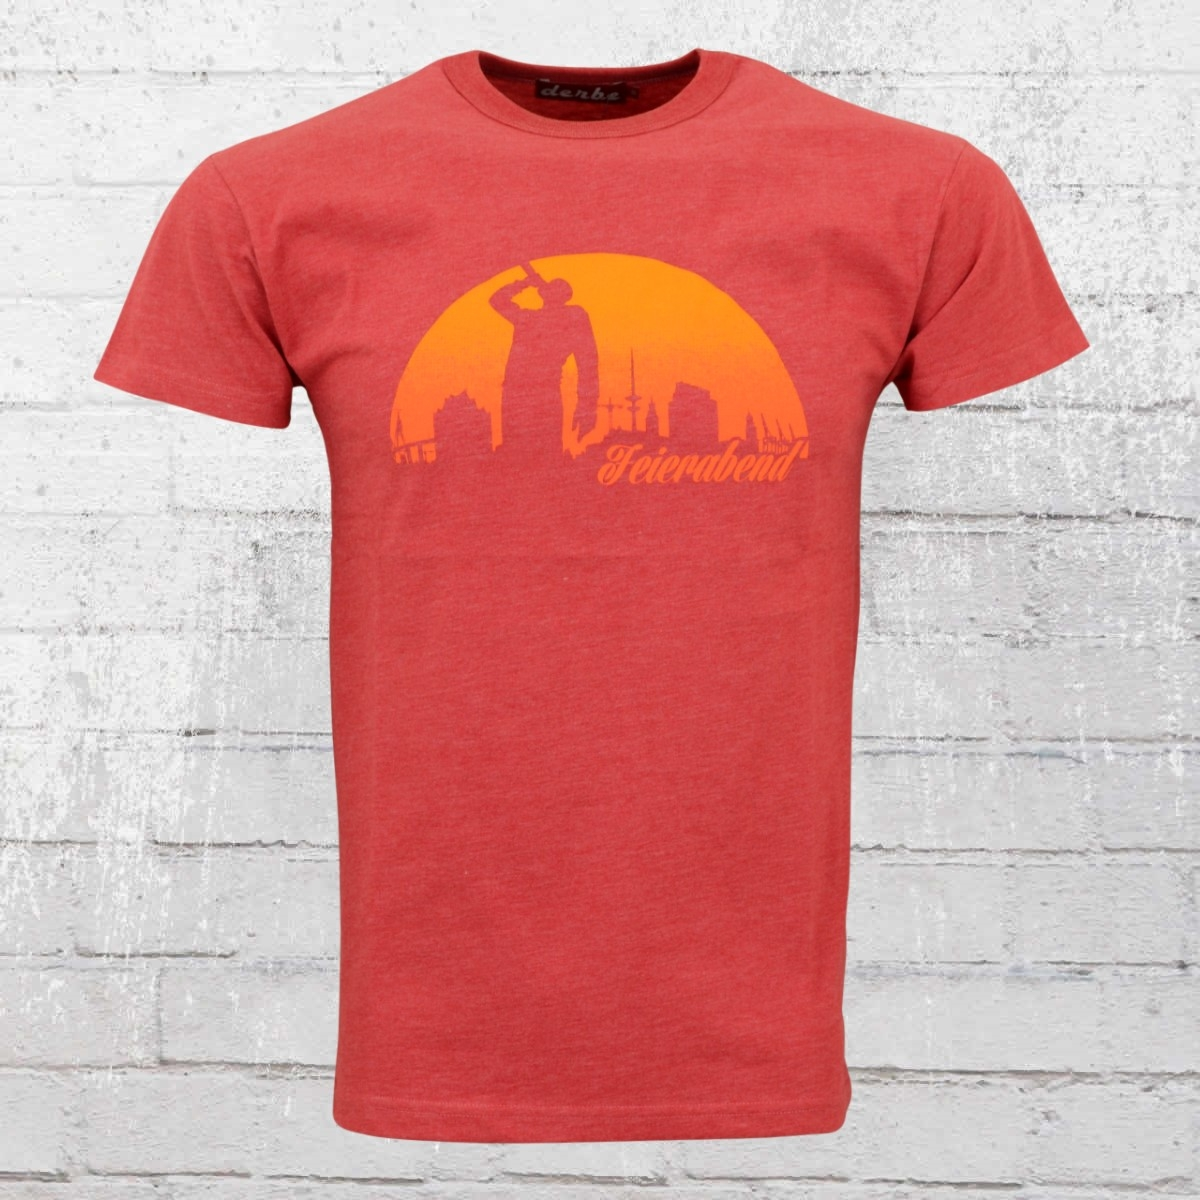 Derbe Feierabend Herren T-Shirt Reloaded rot L